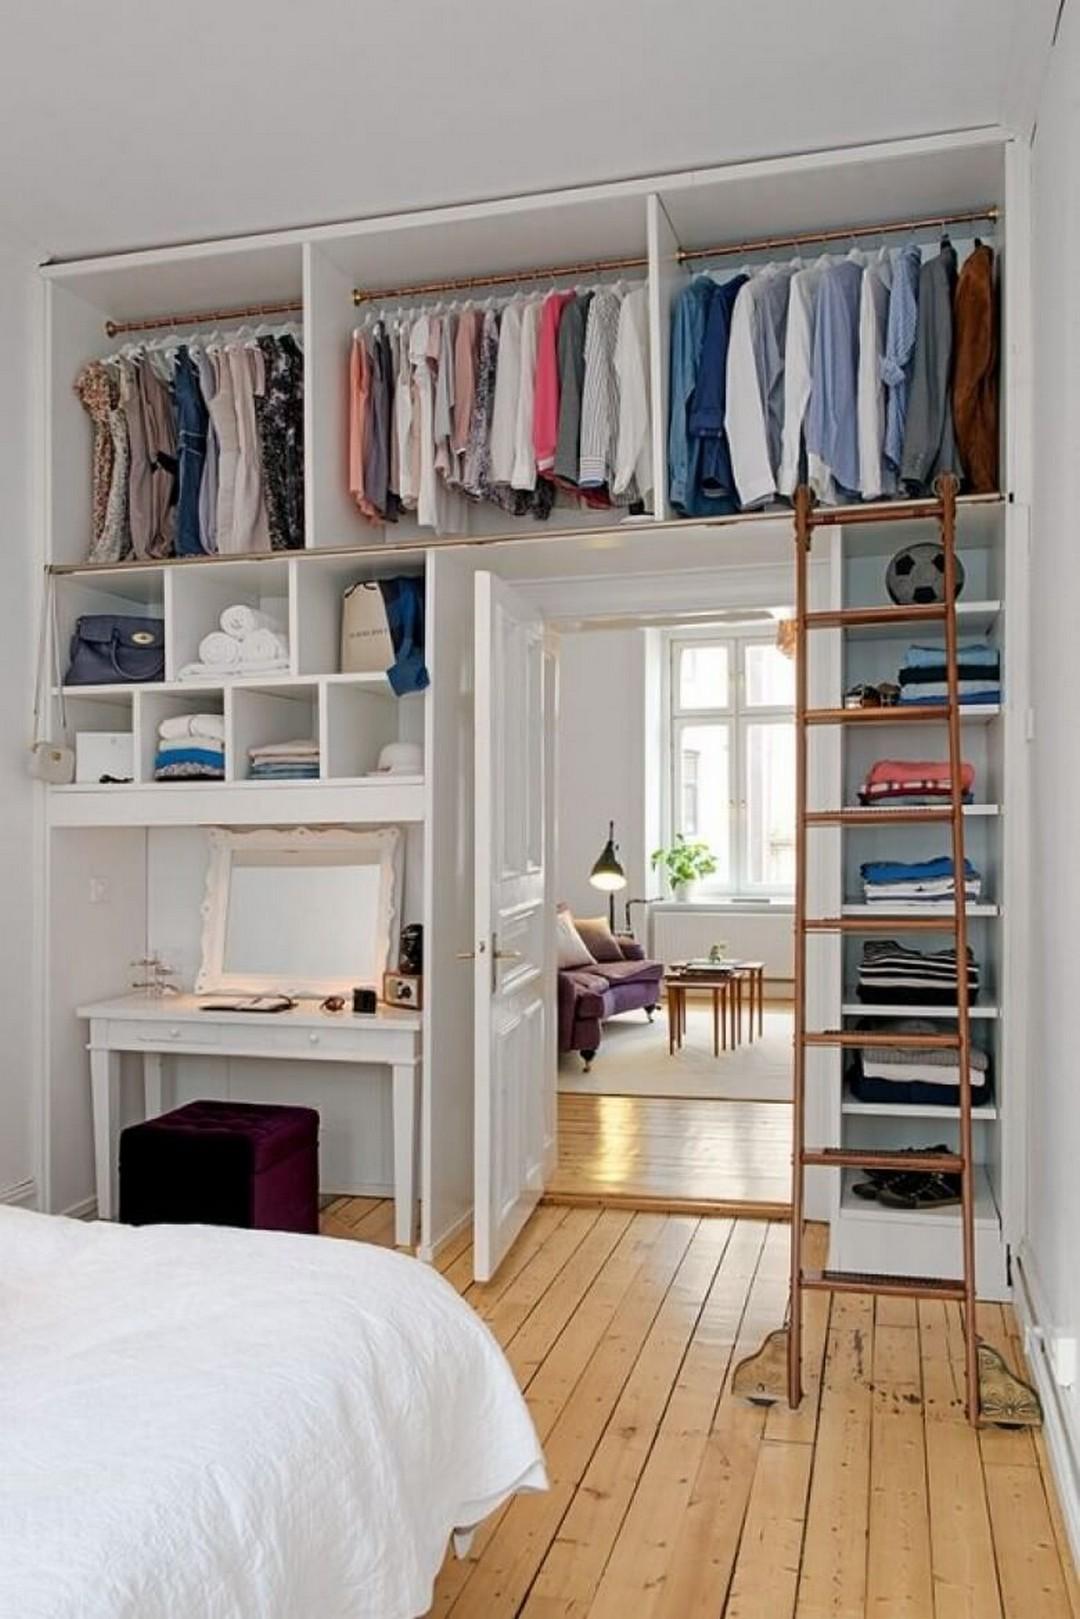 гардеробная в маленькой квартире фото 3